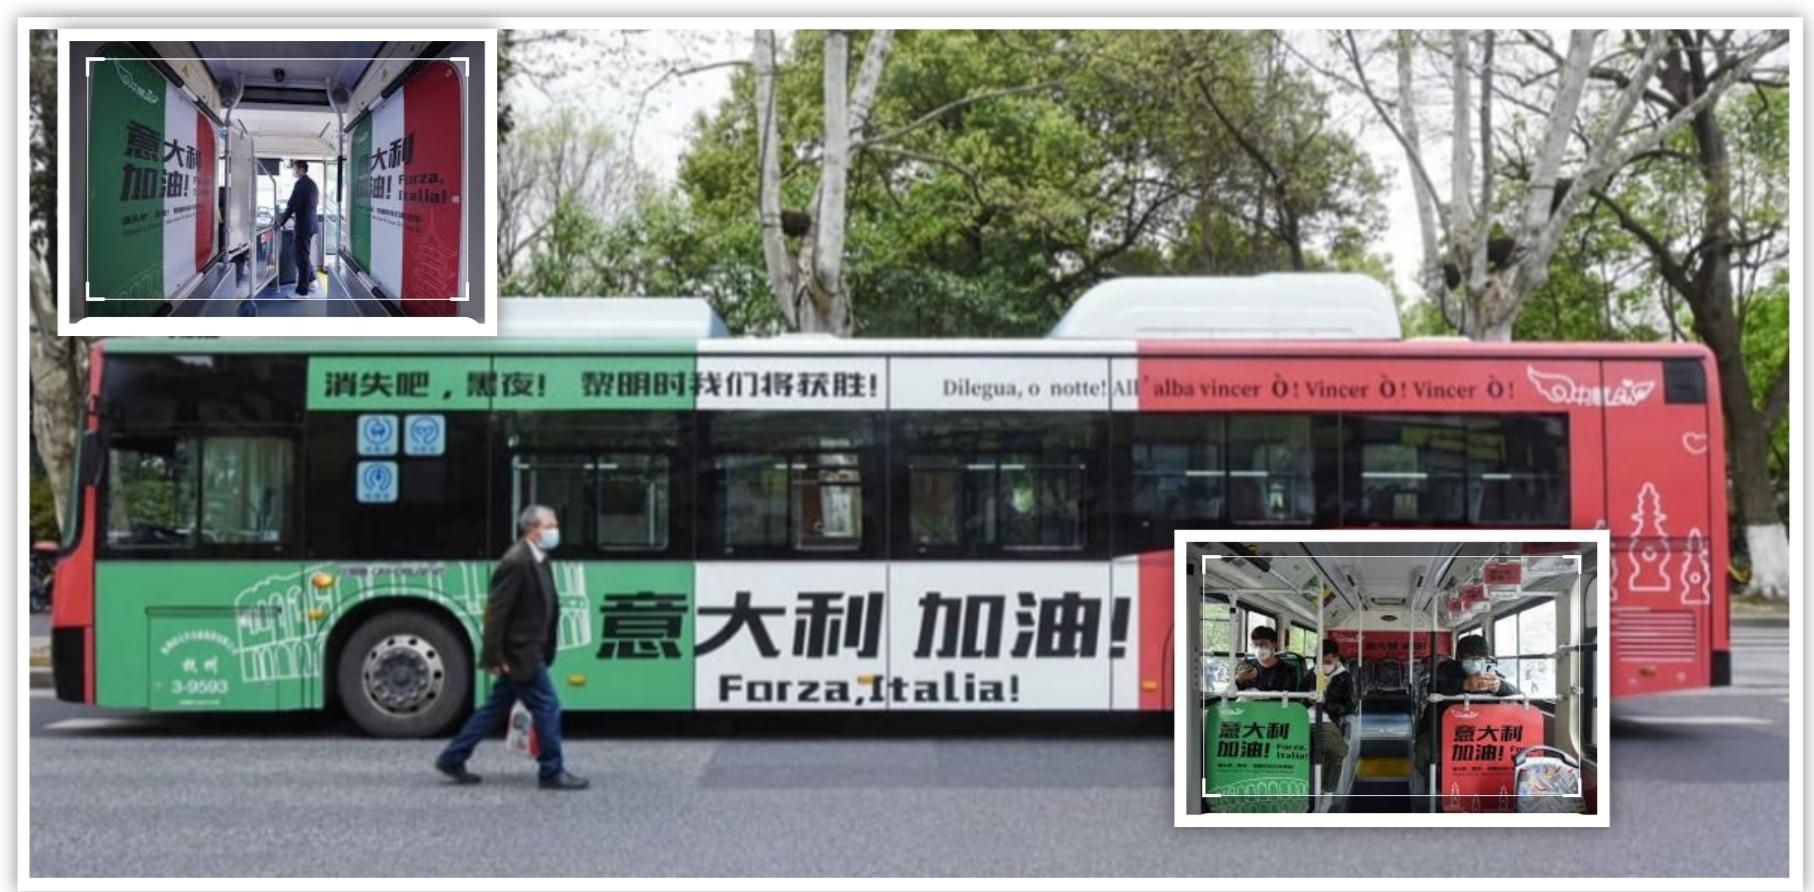 Per le strade di Hangzhou gira un autobus tricolore, con la scritta